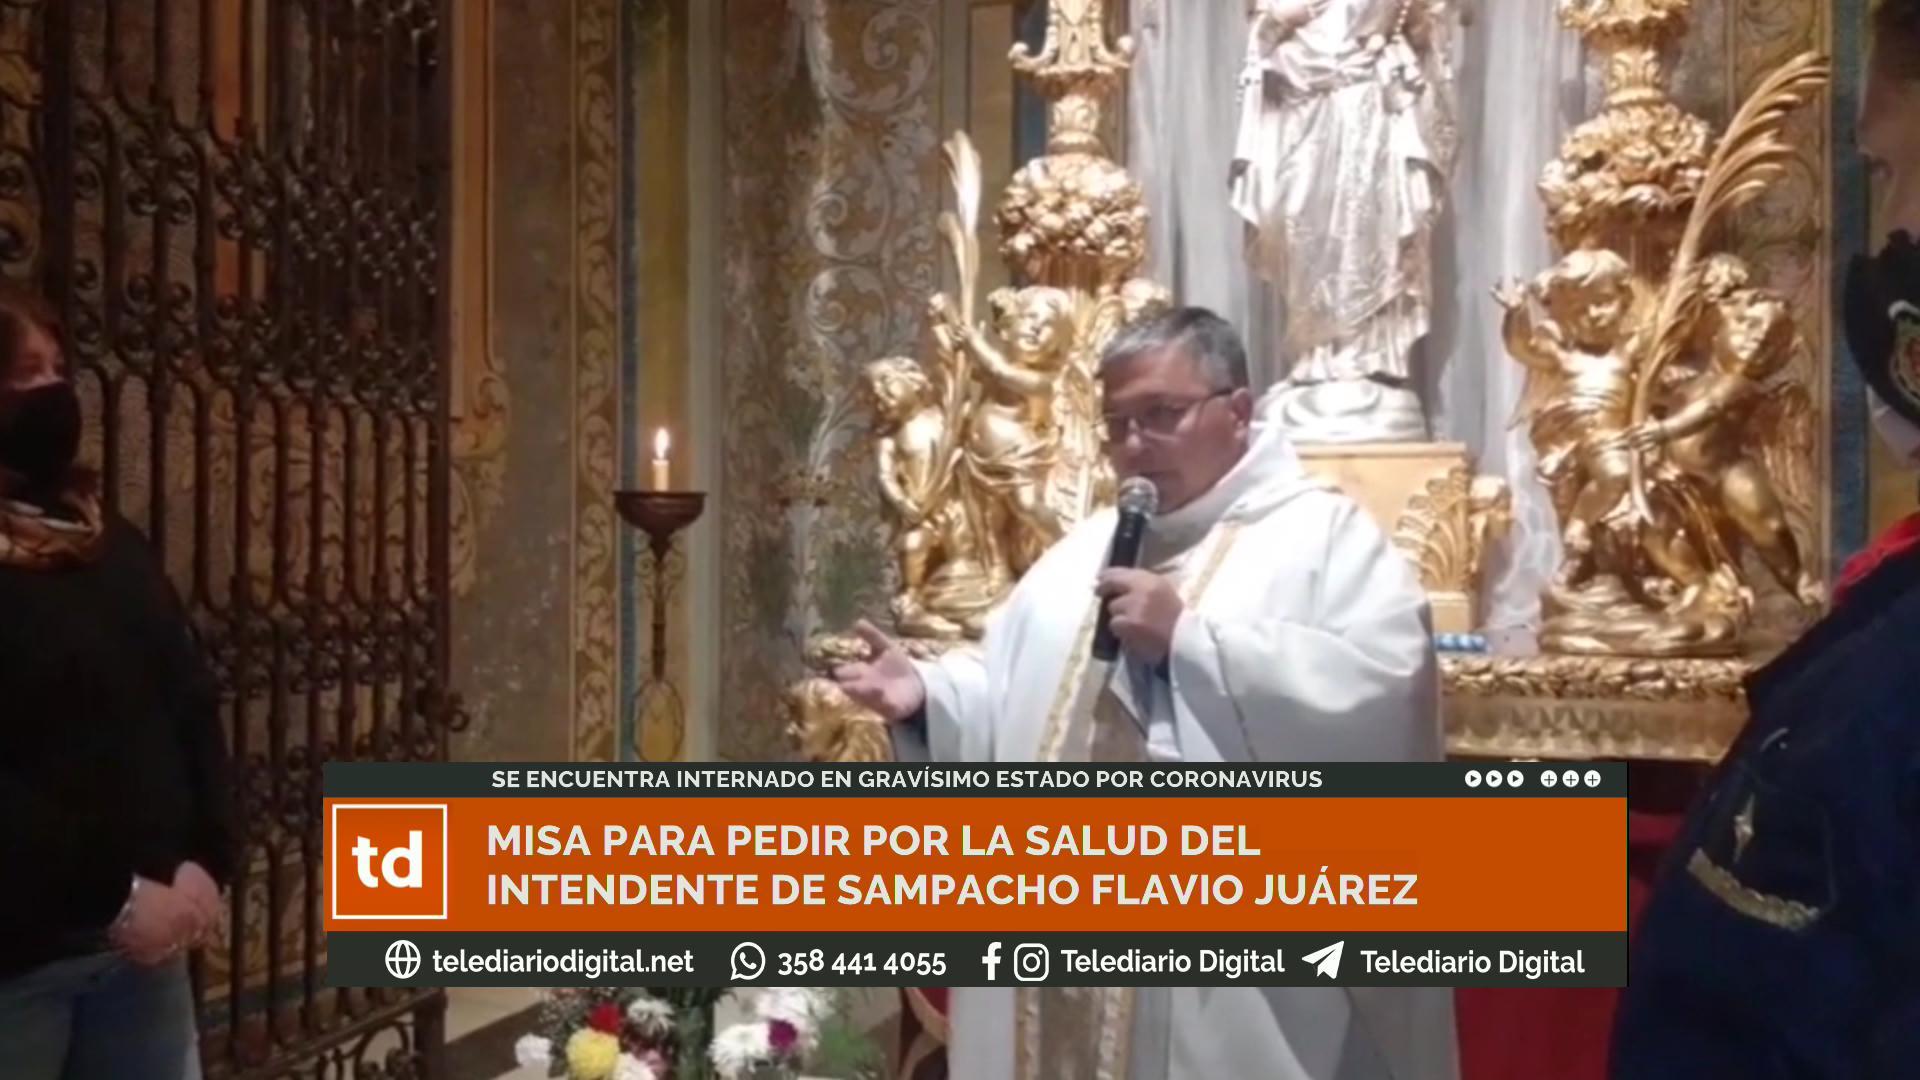 El domingo por la noche en el Santuario de la Virgen de La Consolata el pueblo se unió para pedir por la salud de su intendente